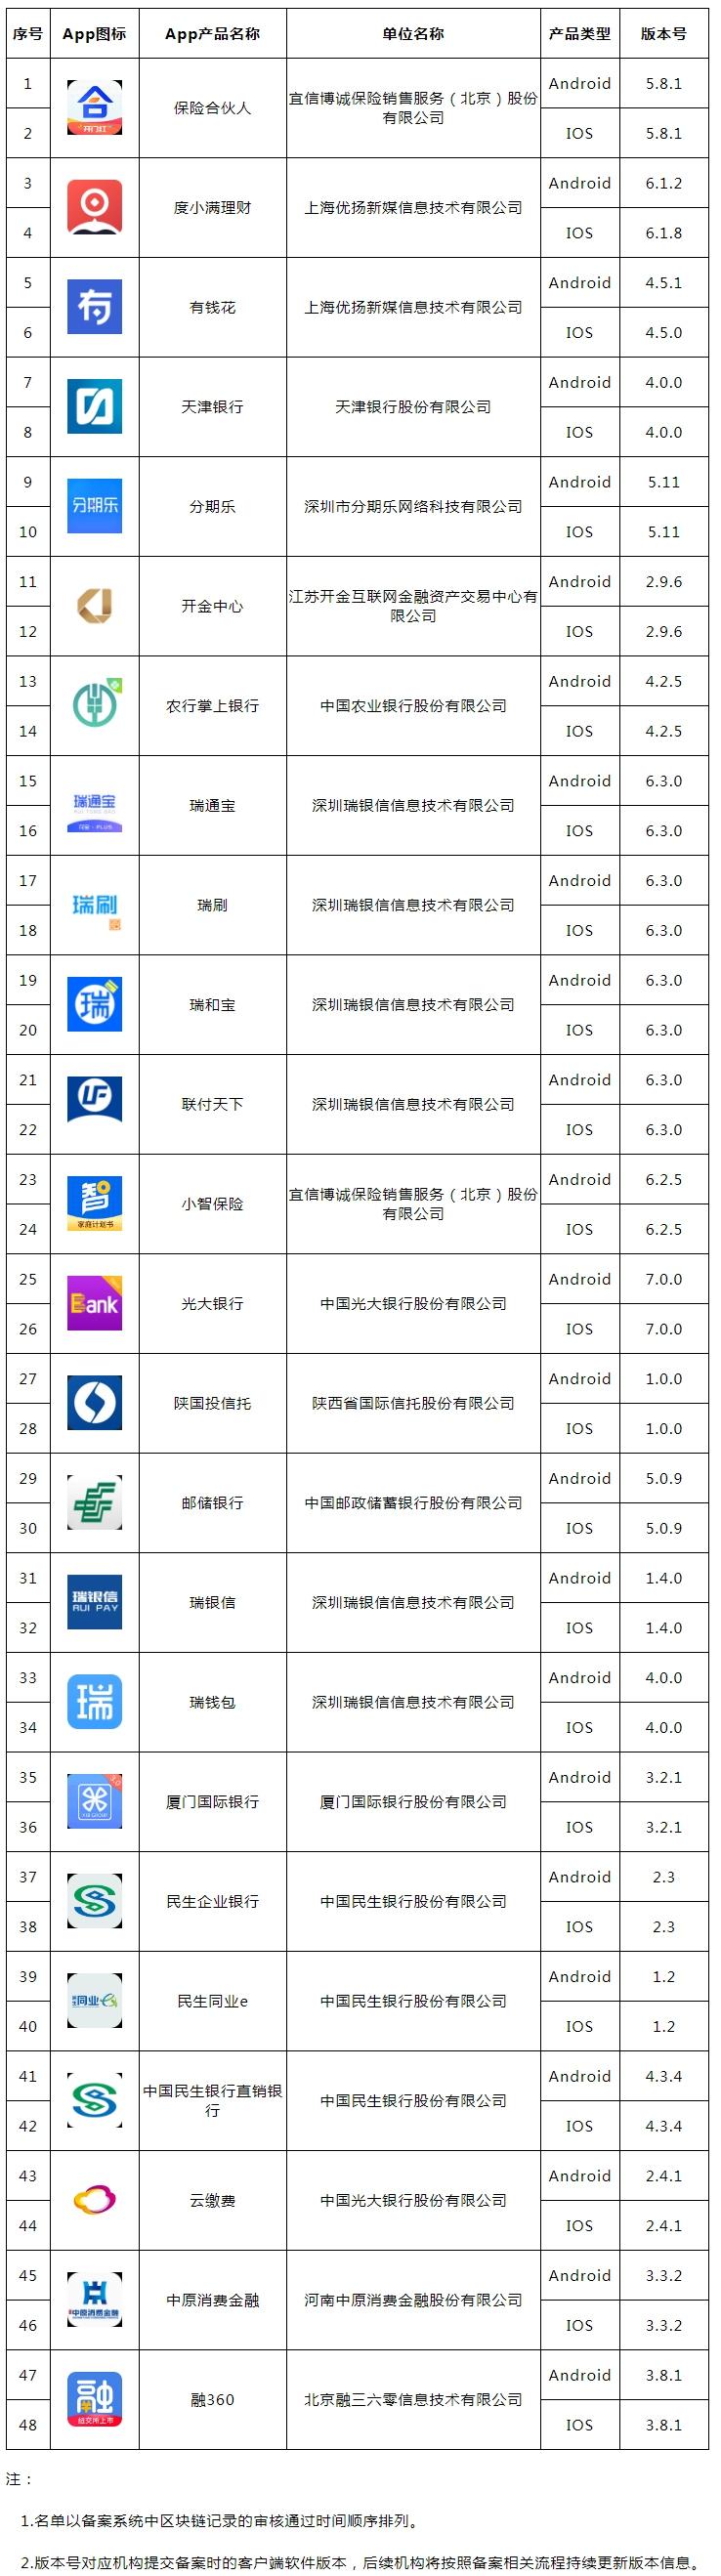 中互金协会公示新一批金融APP备案名单